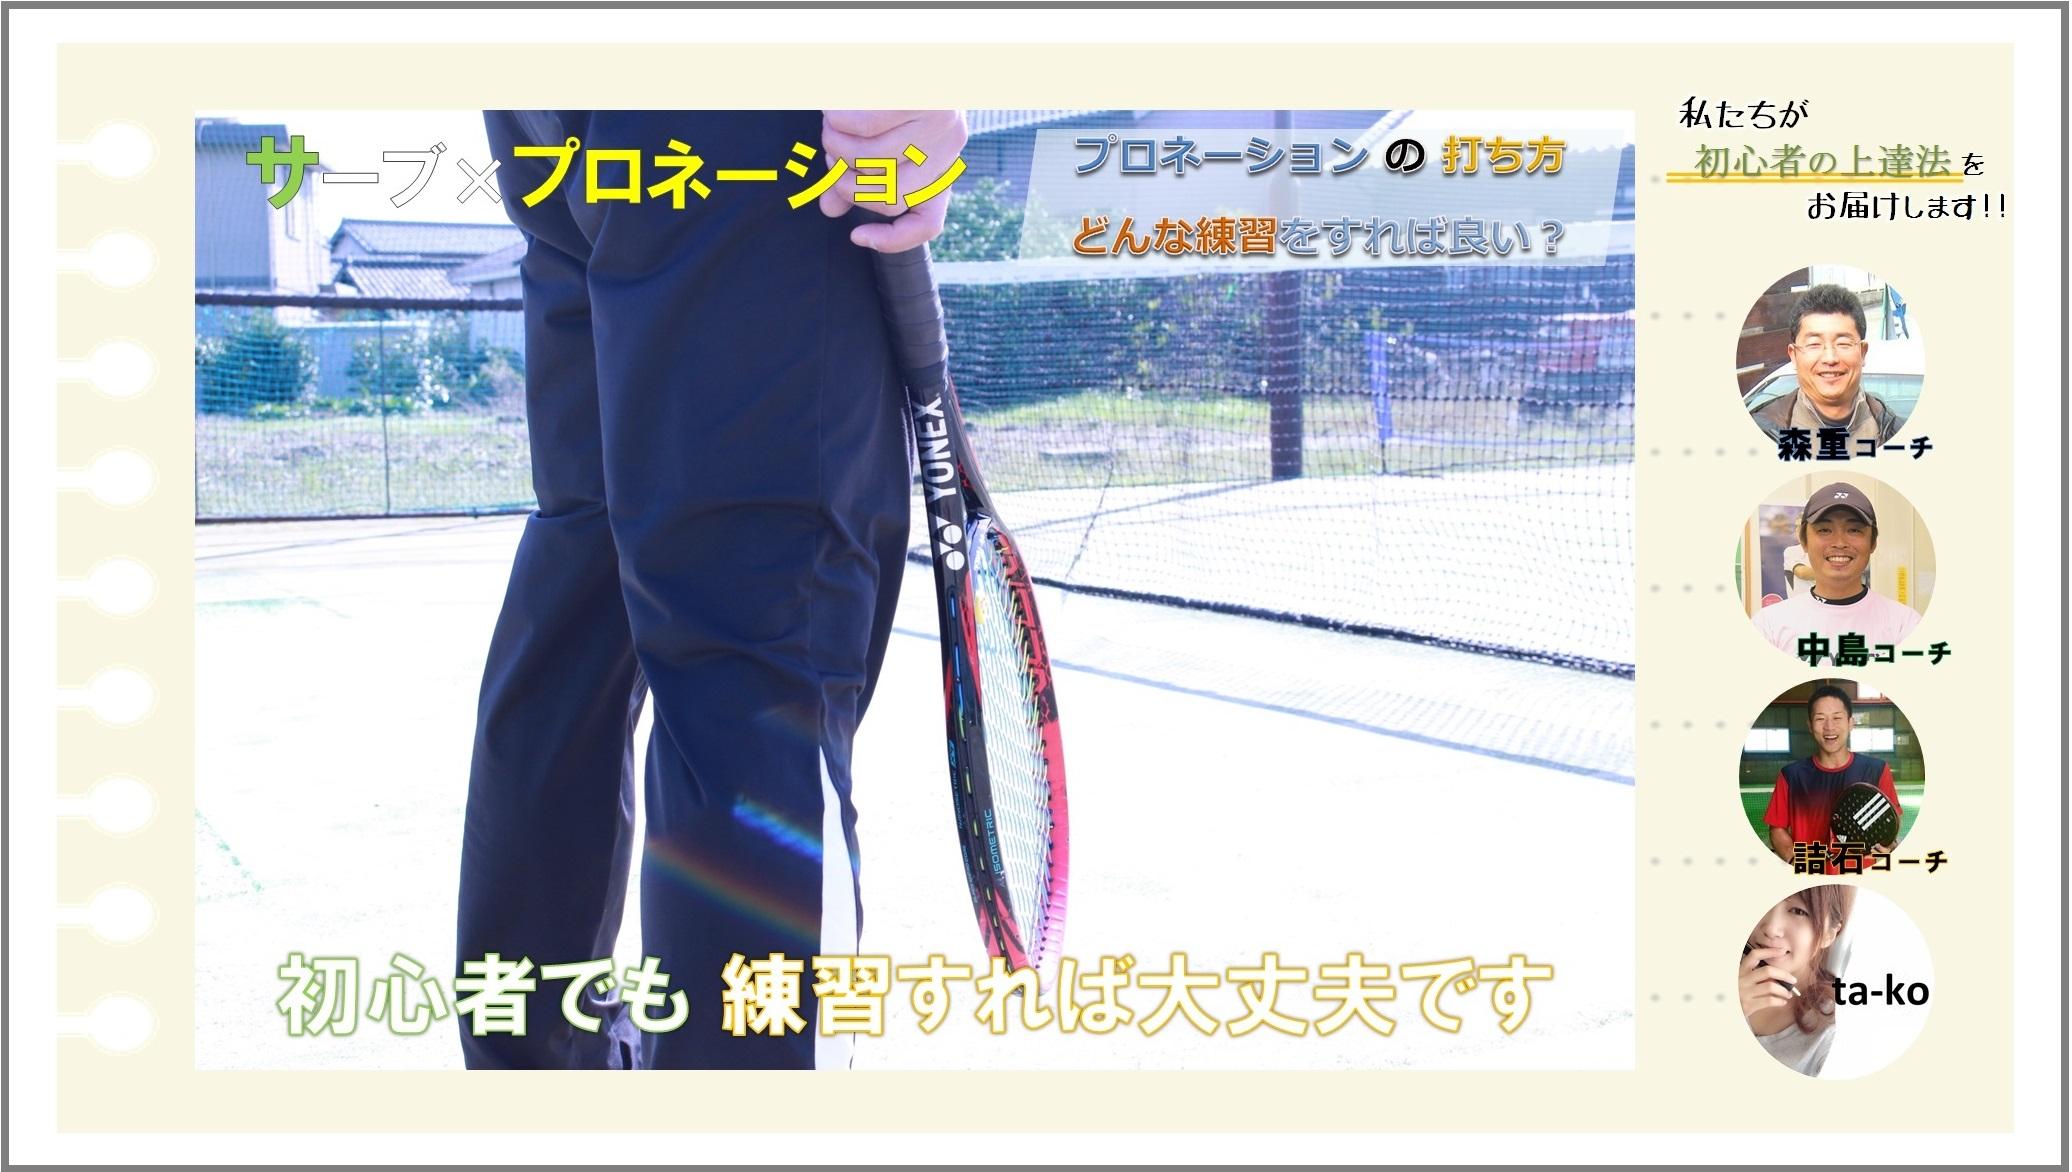 テニス初心者の上達コツ動画